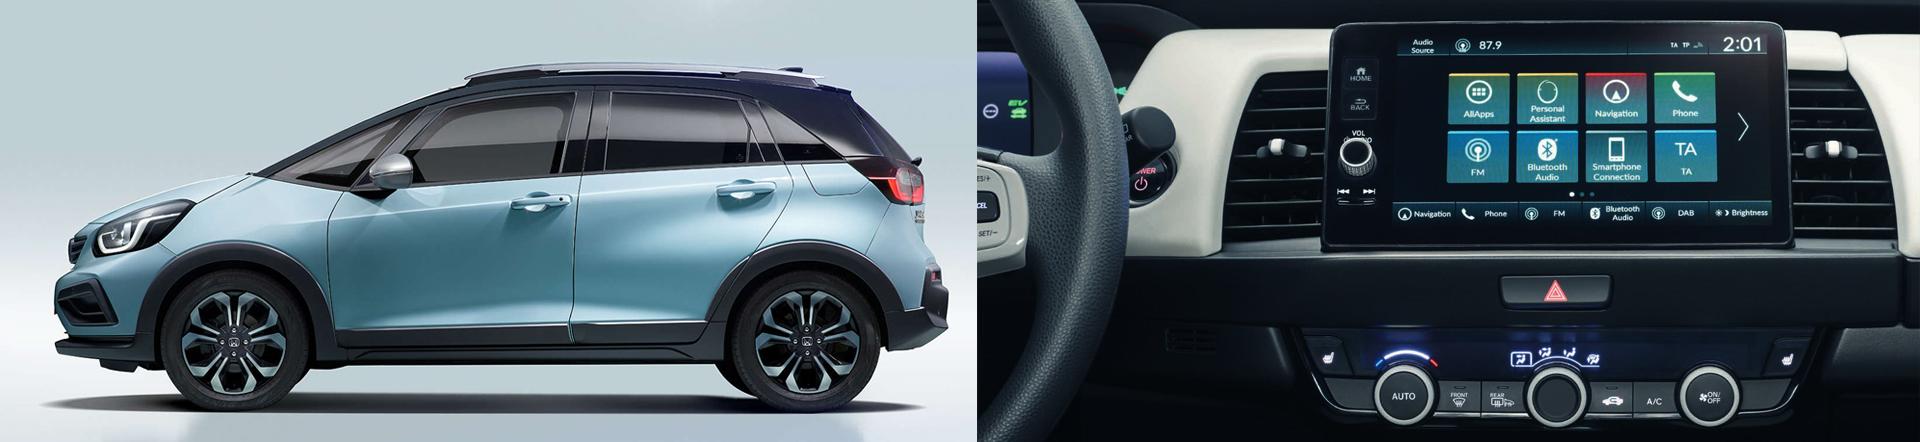 Headerbild neuer Honda JAZZ CROSSTAR e:HEV